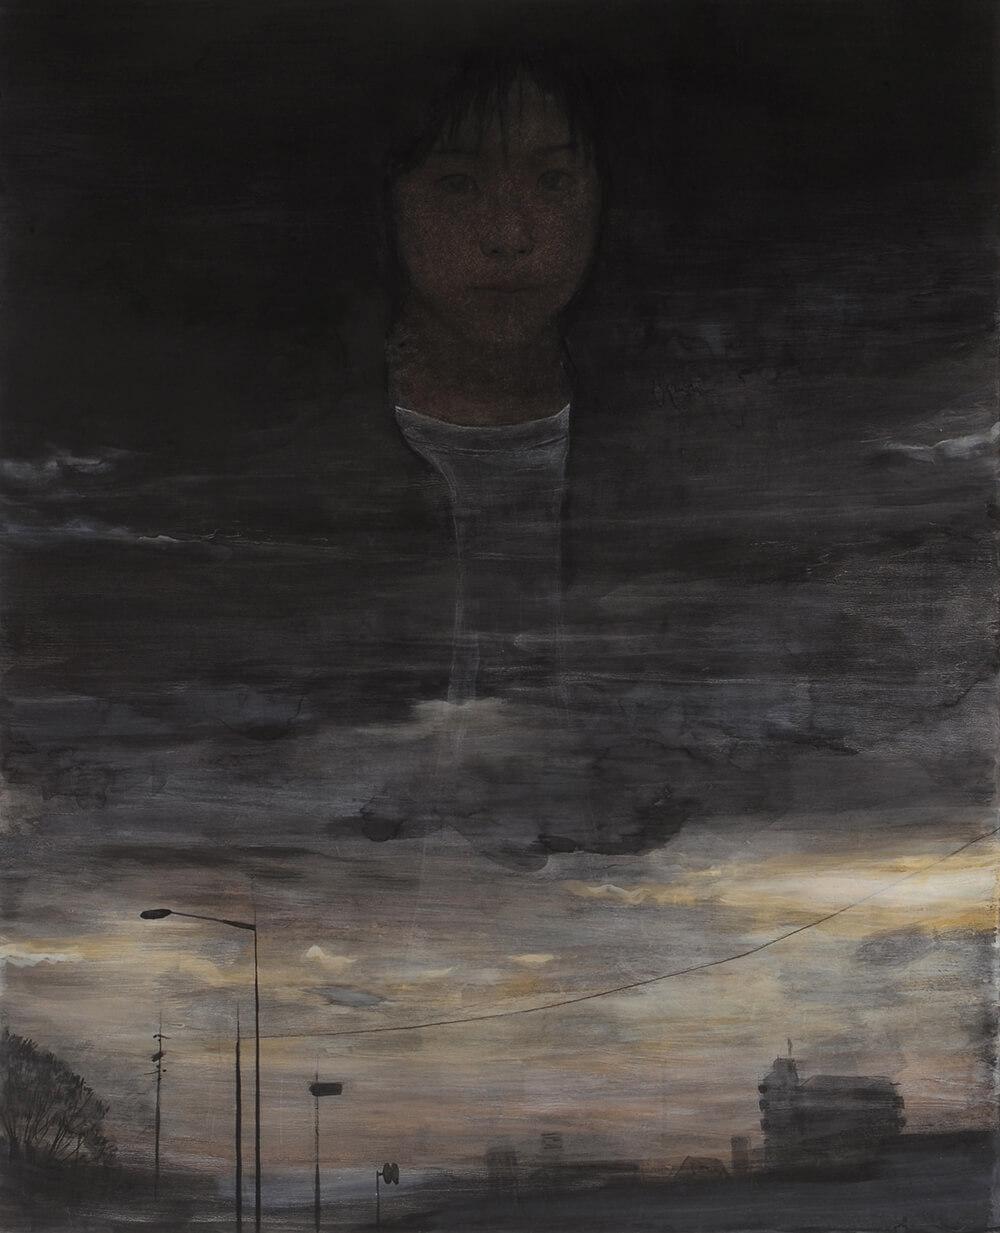 2013年1月11日から開催の「癸巳 橘 泰司 日本画 展」の橘 泰司の作品02